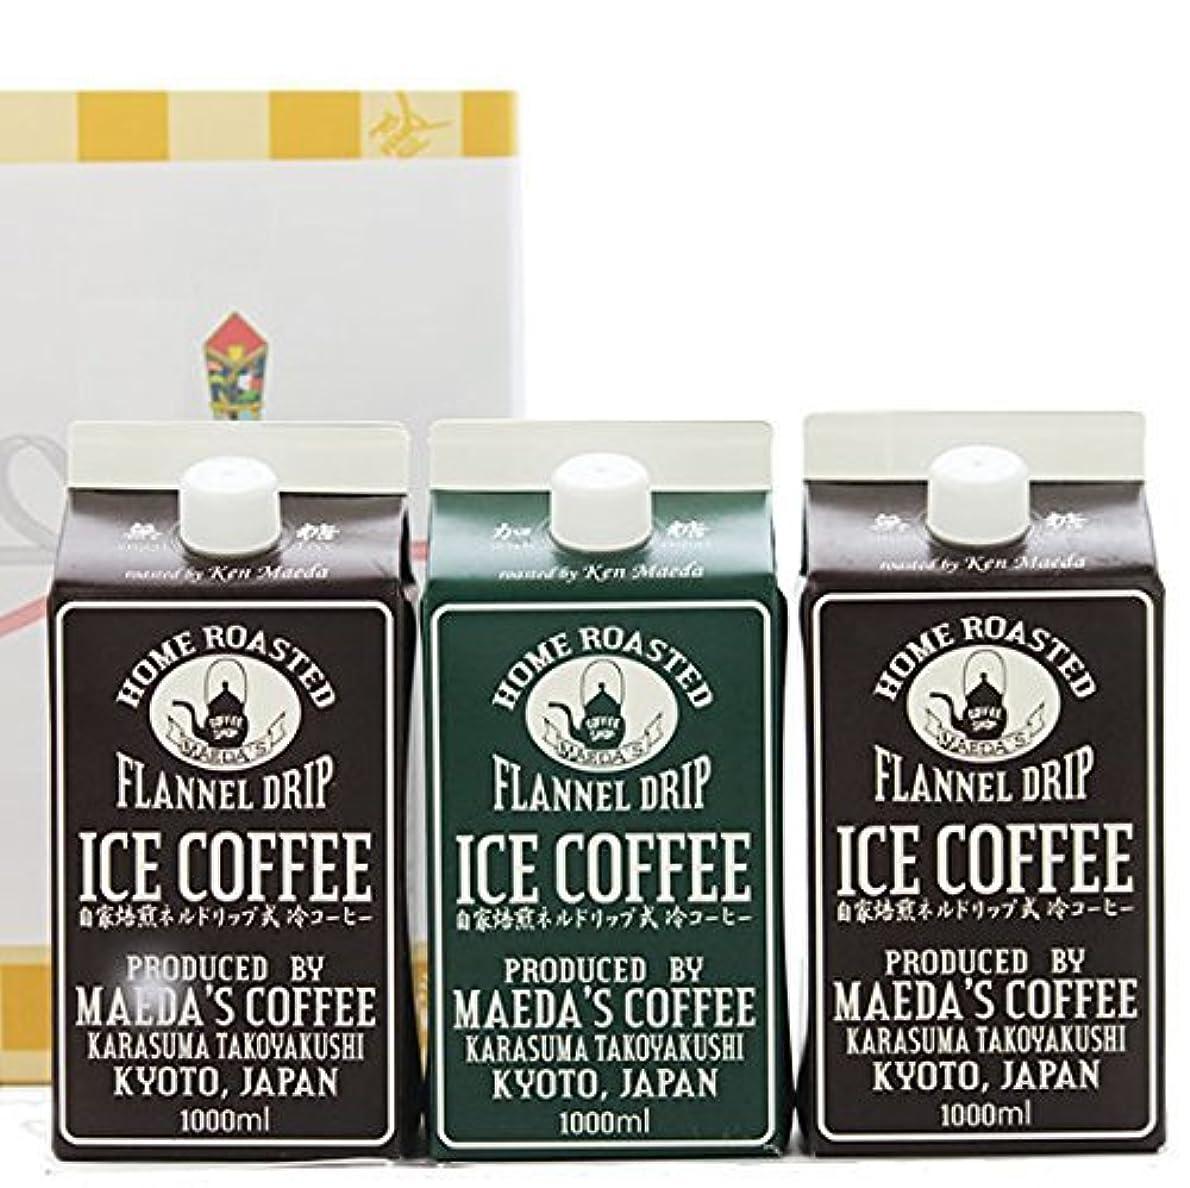 キャベツ勝つデクリメント前田珈琲 ネルドリップ リキッドコーヒー アイスコーヒー 3本 ギフトセット (無糖3本)  内祝い 結婚 ギフト コーヒー